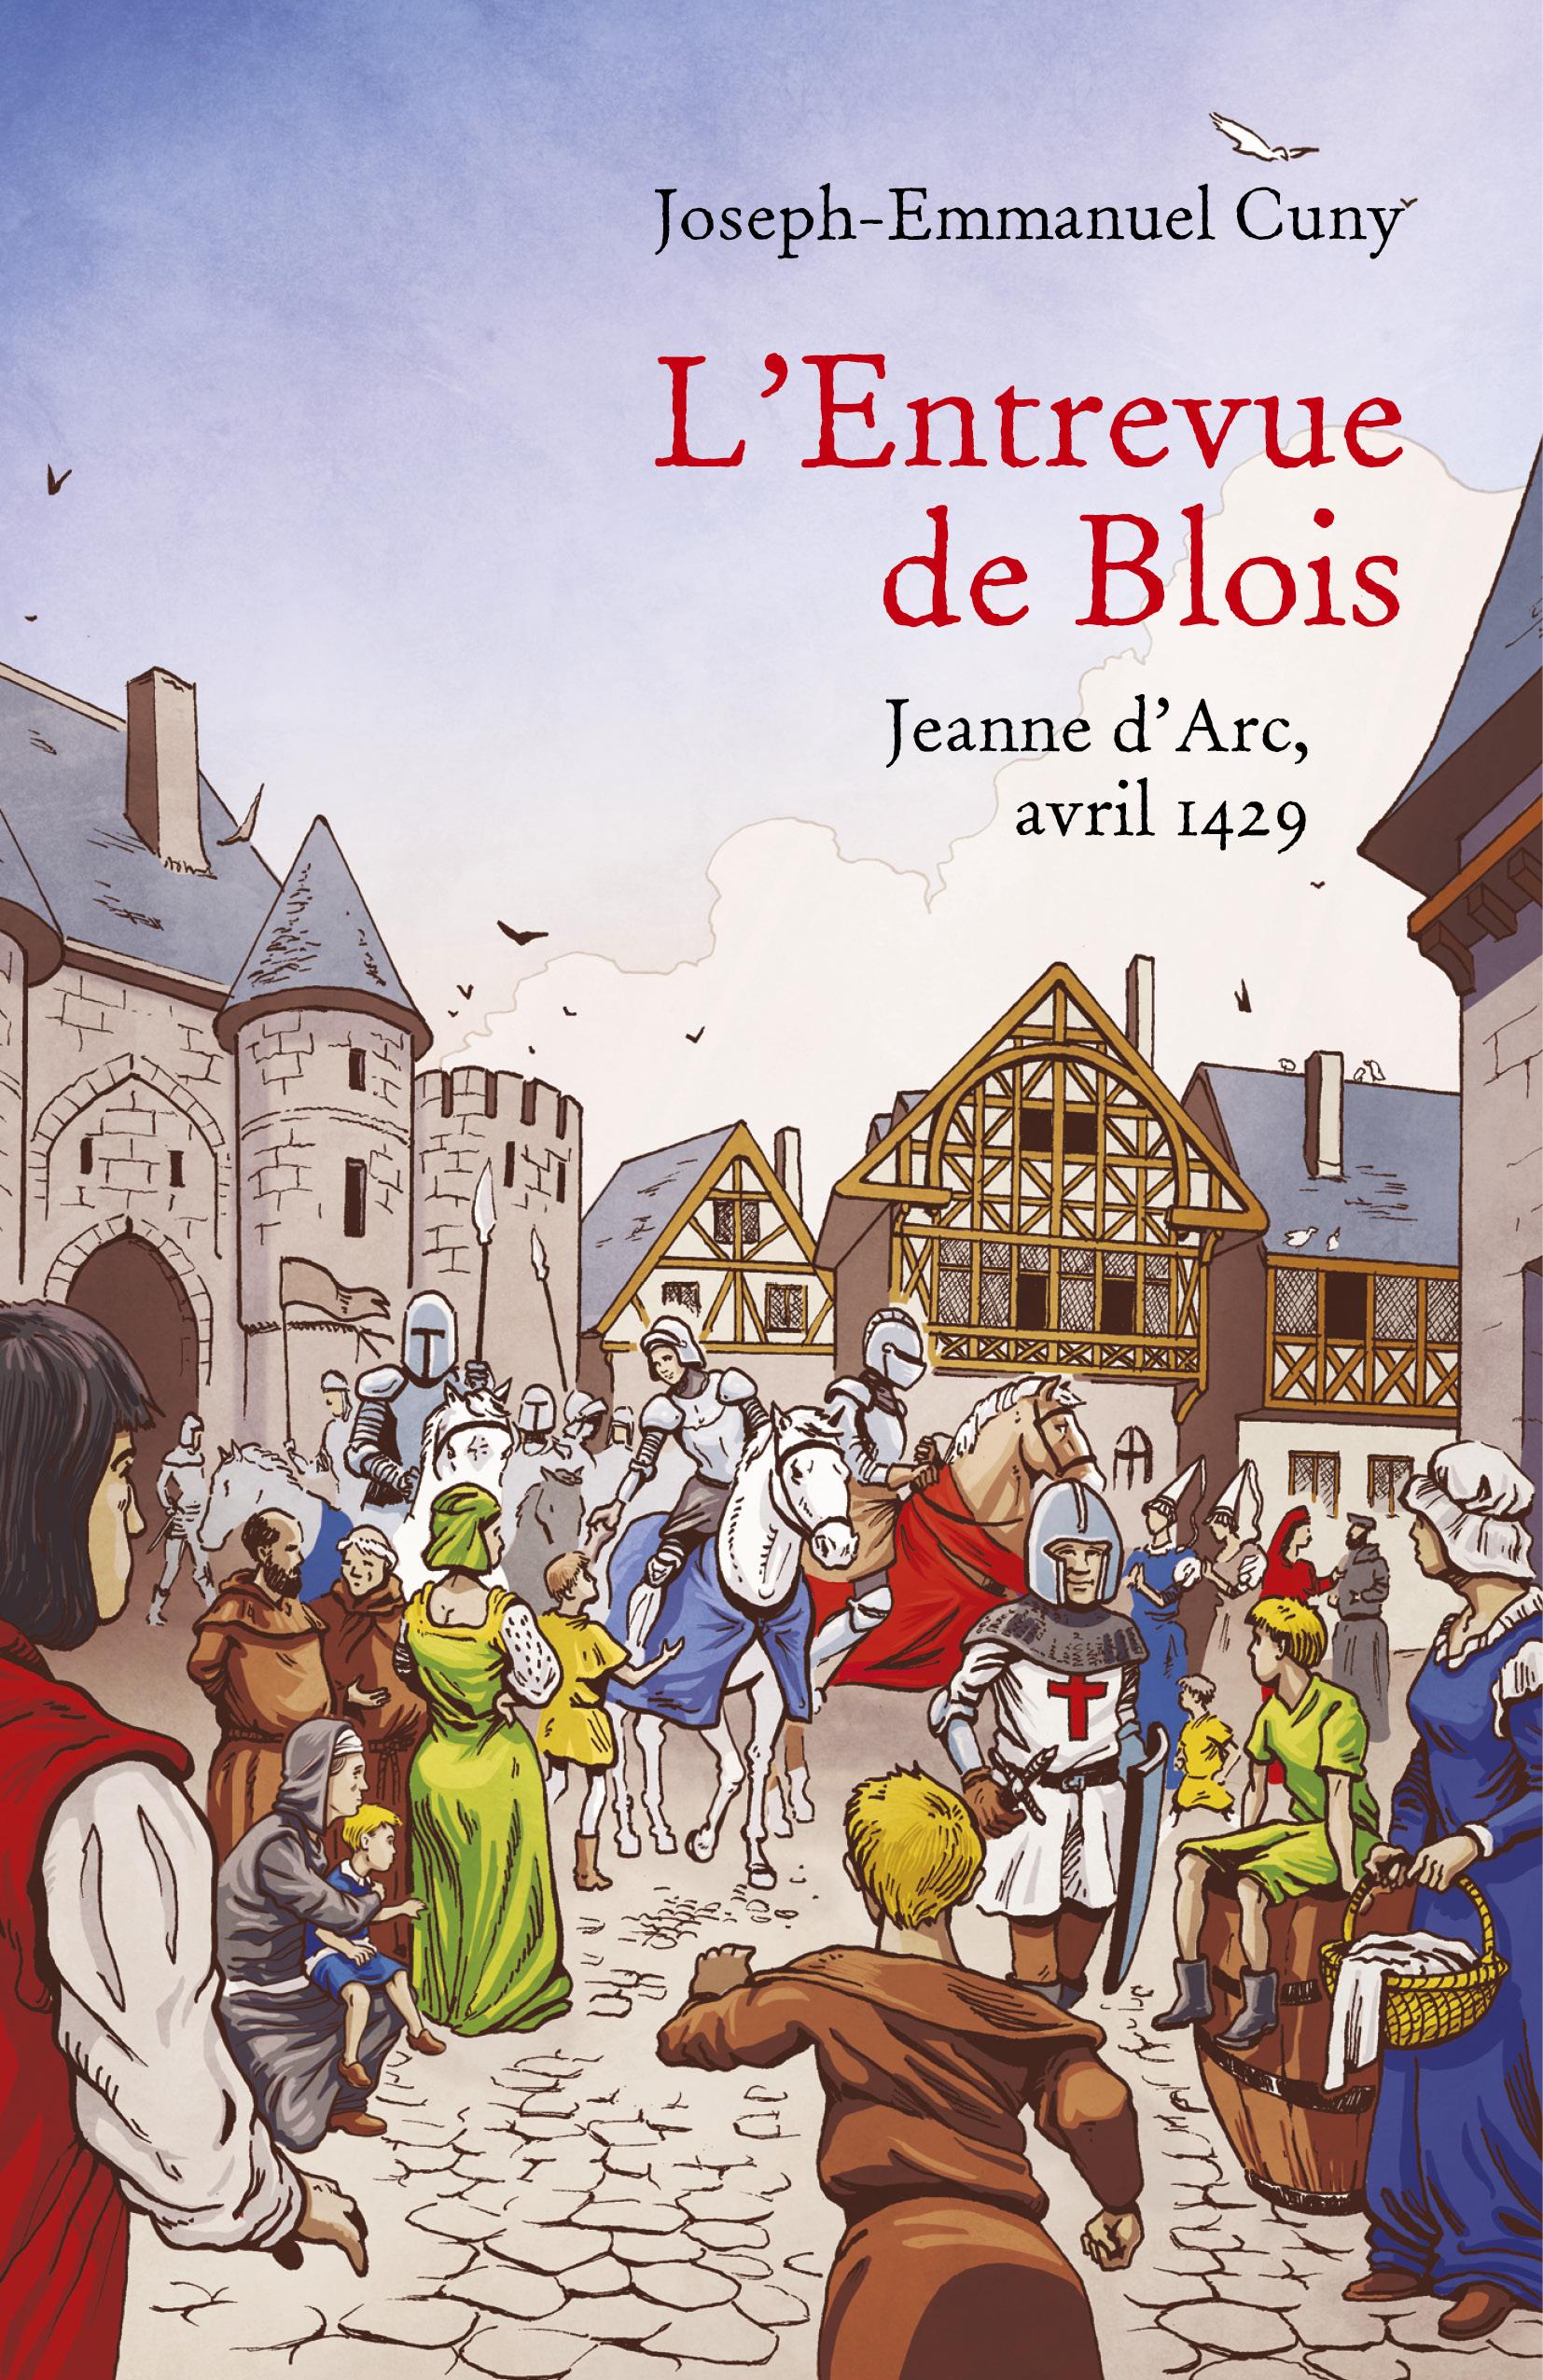 L'Entrevue de Blois, Jeanne d'Arc, Avril 1429